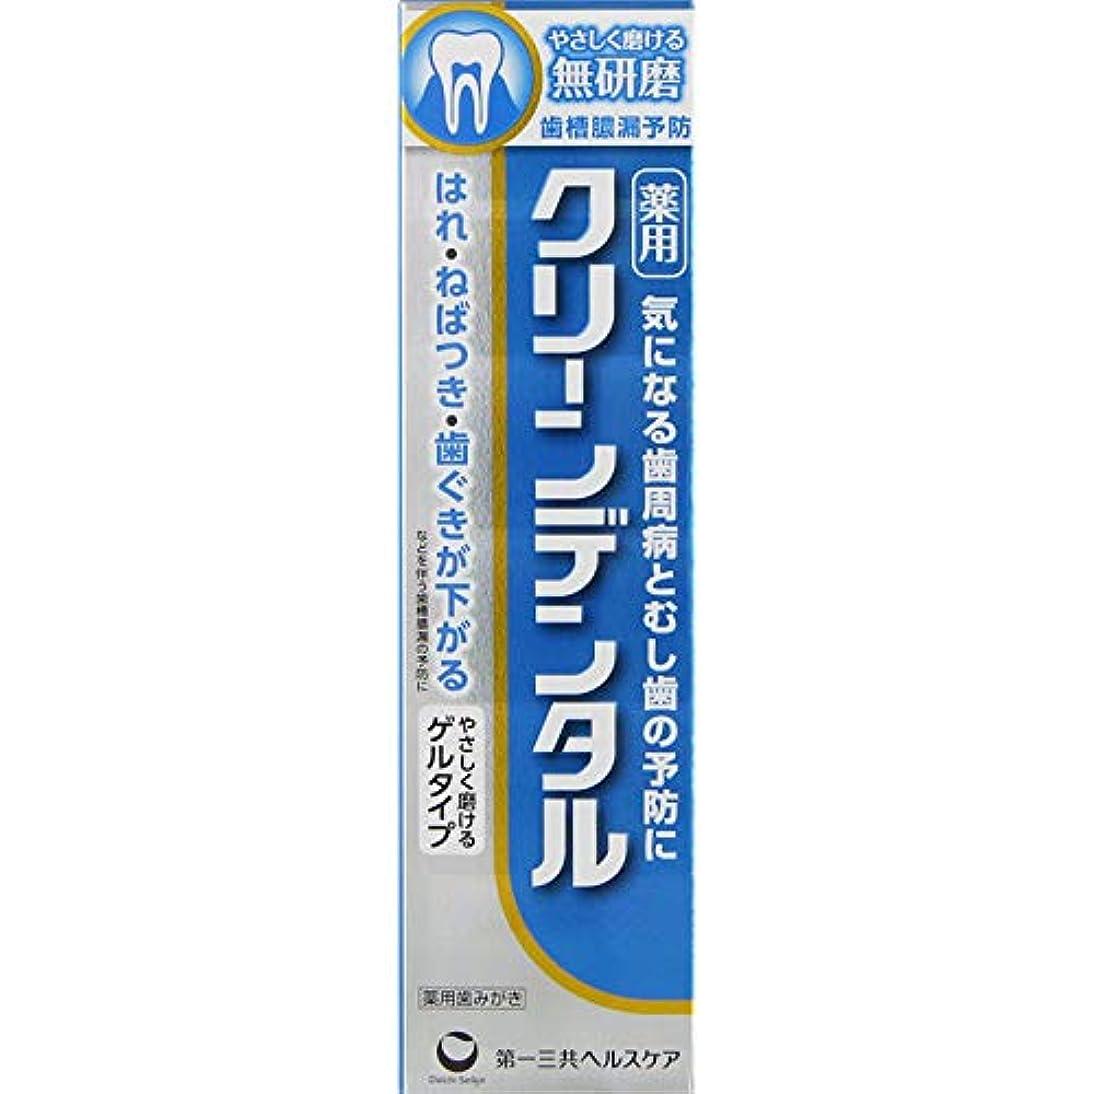 リード翻訳フォーク第一三共ヘルスケア クリーンデンタル 無研磨 90g ×2個